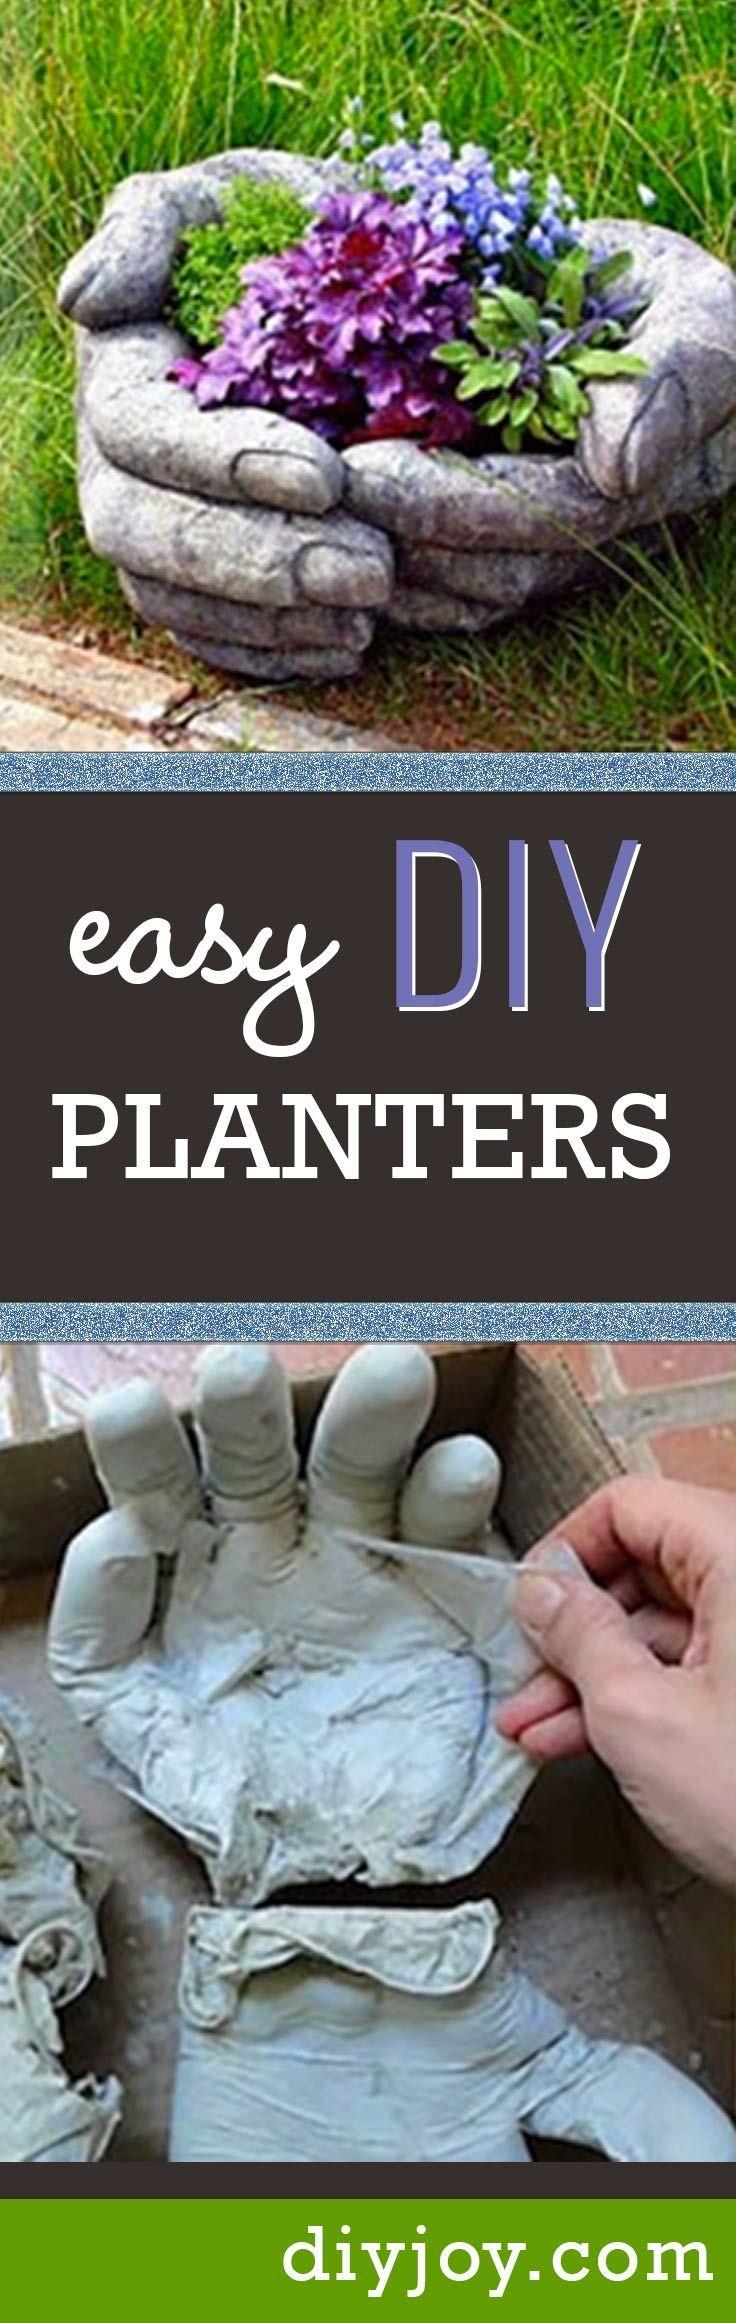 25 Best Ideas About Garden Crafts On Pinterest Diy Yard Decor